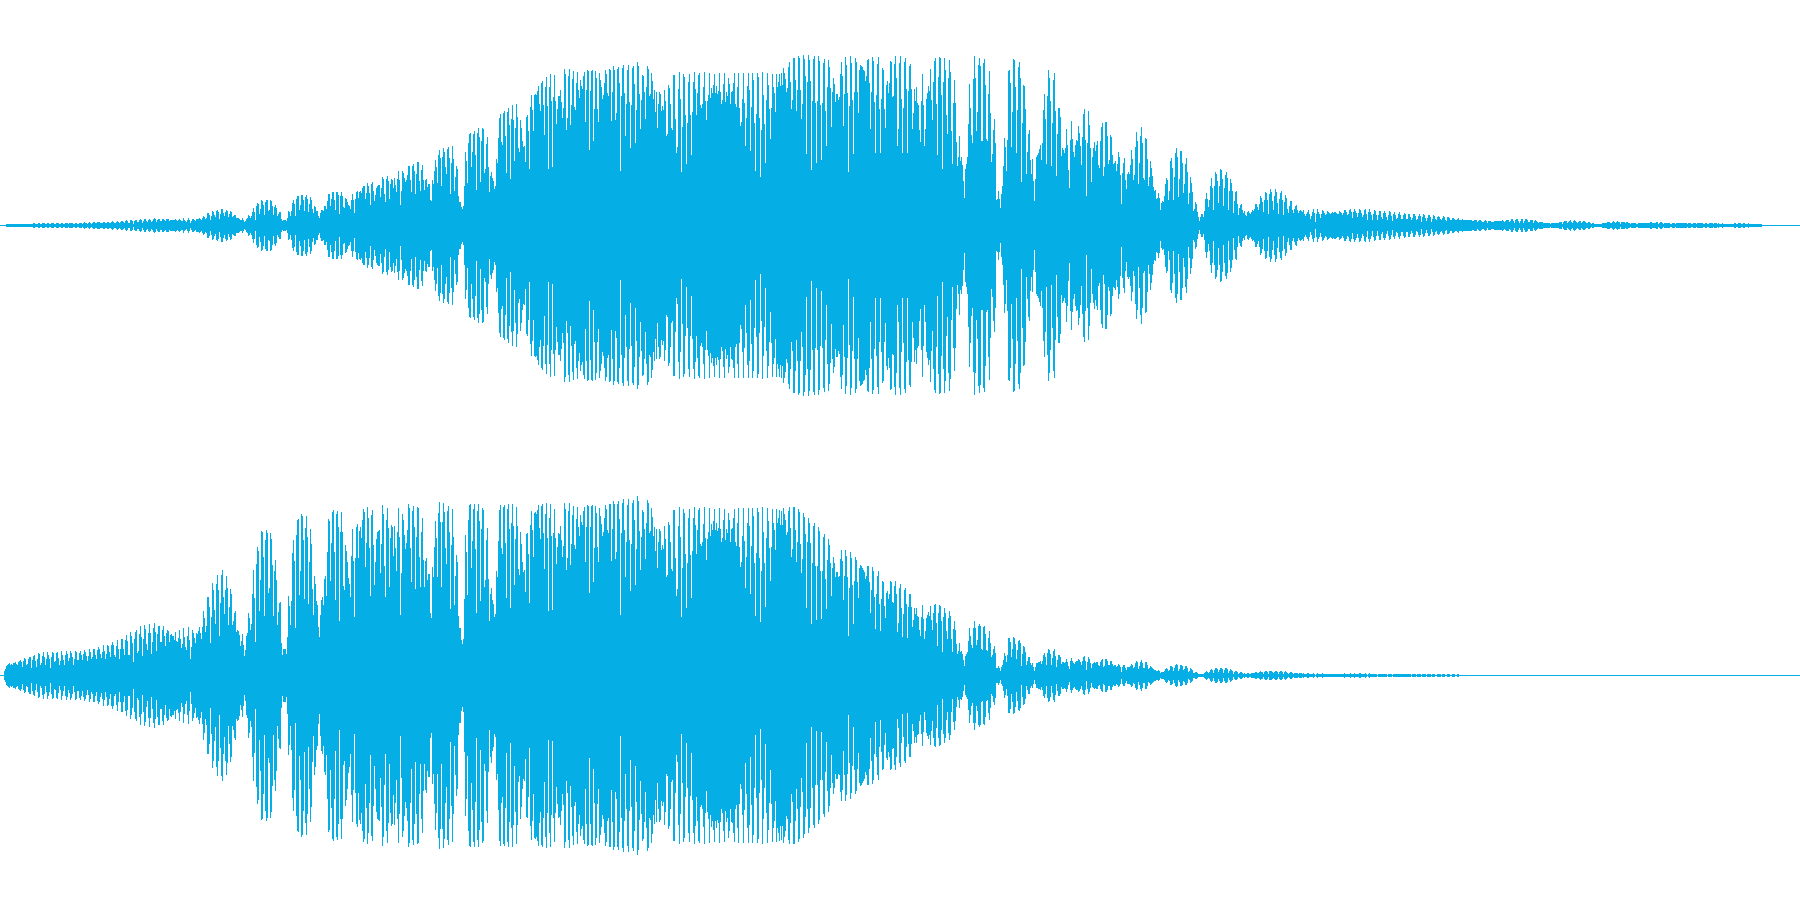 ヒュ〜ヒユ〜(宇宙船の通過する音)の再生済みの波形